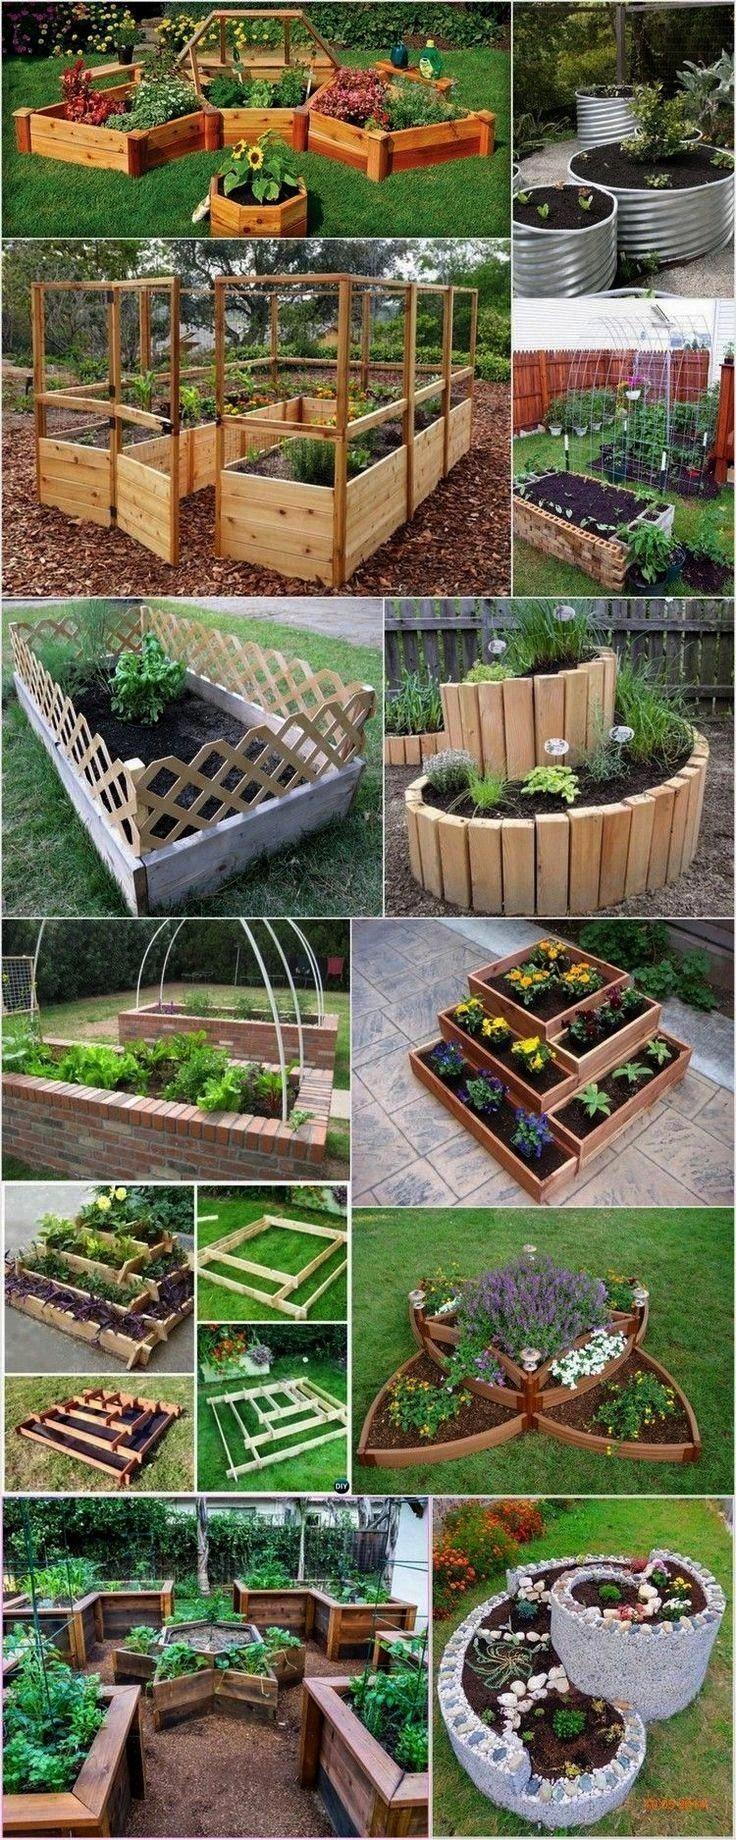 Philippines Vegetable Garden Ideasvegetable Garden Ideas Philippines Vegetab G Inexpensive Raised Garden Beds Raised Garden Vegetable Garden Raised Beds Backyard vegetable garden ideas philippines